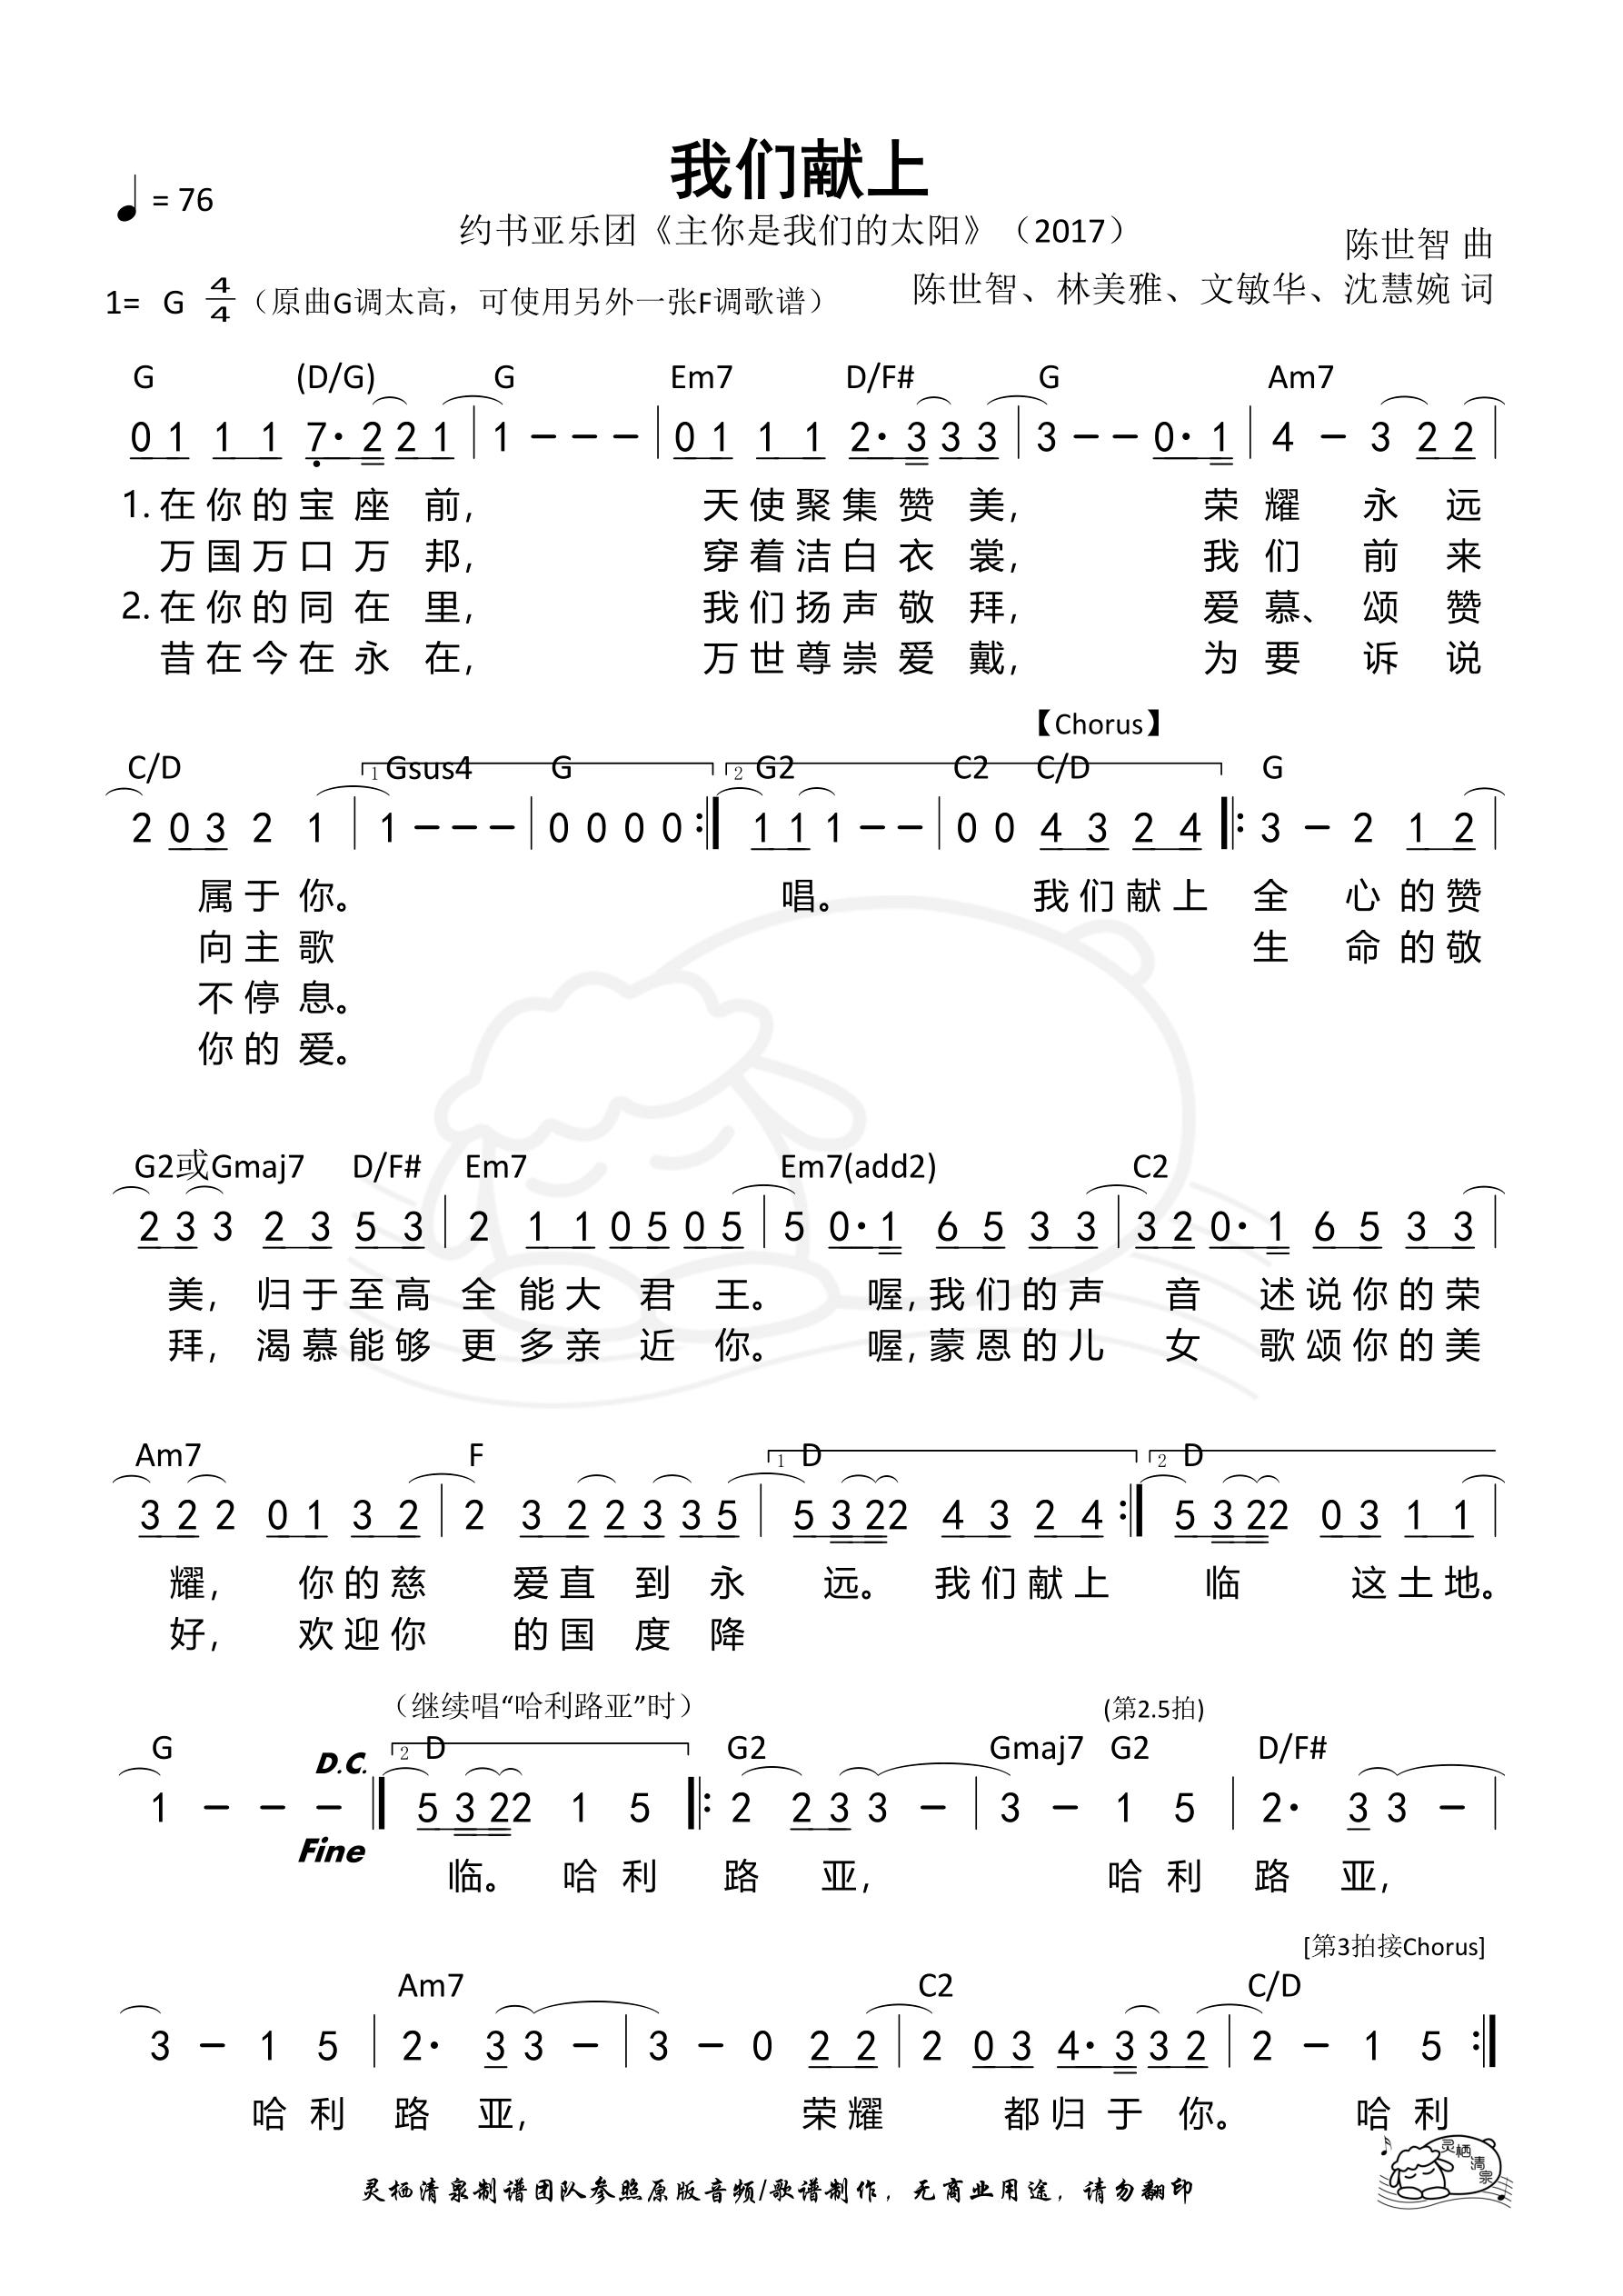 《第159首 - 我们献上(G调) 和弦简谱》